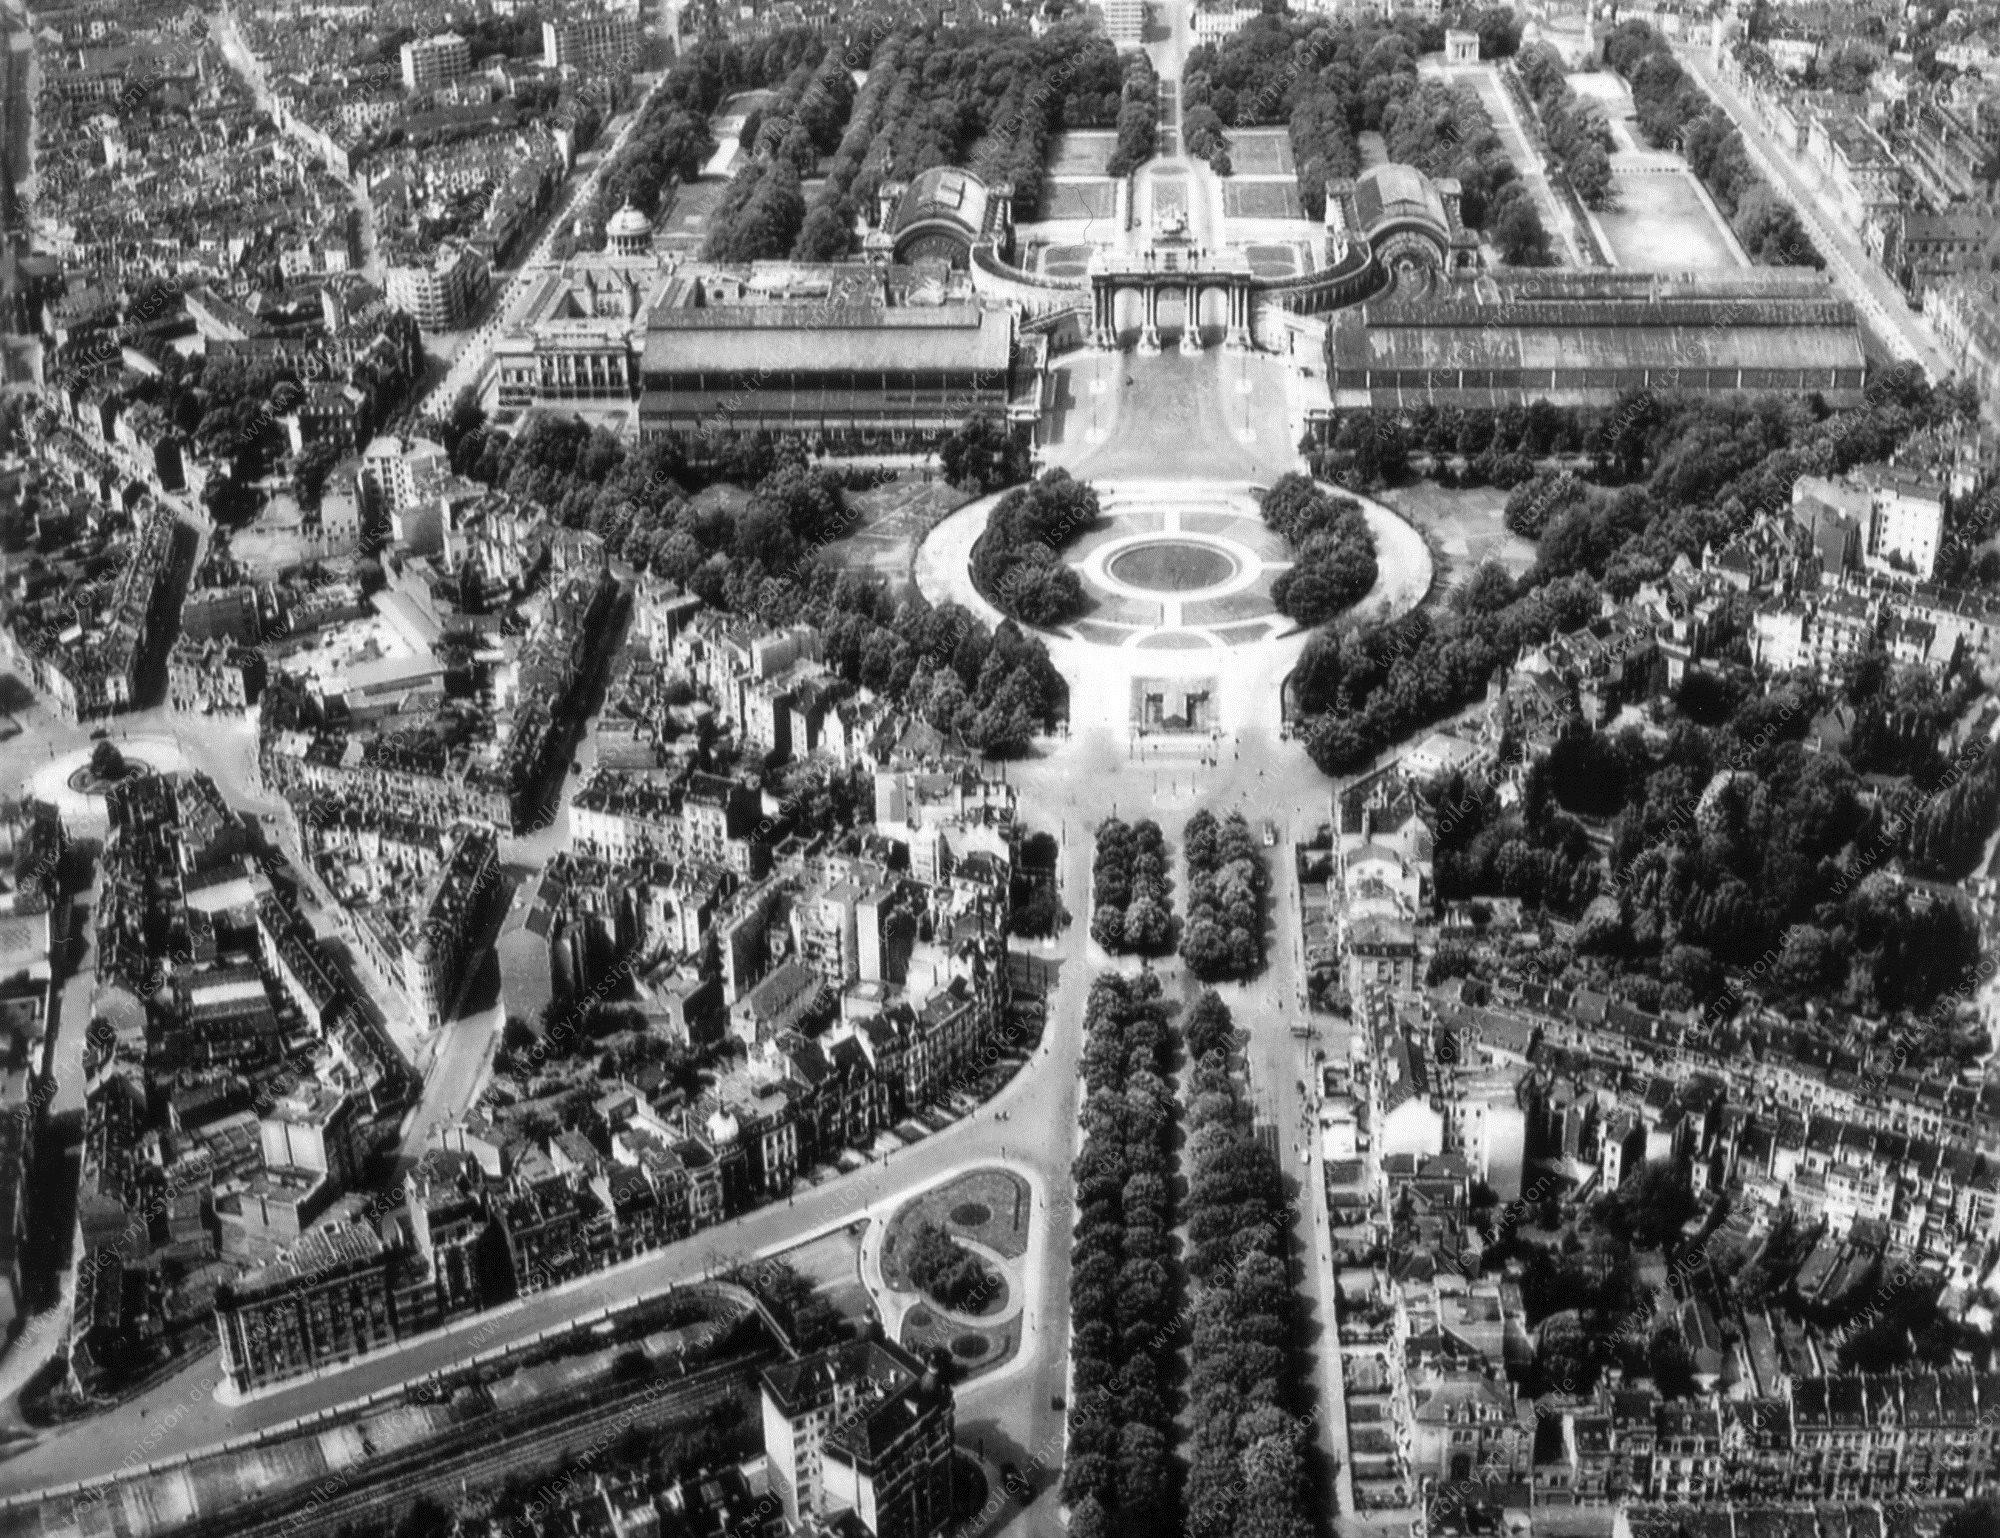 """Luchtfoto triomfboog in het Jubelpark (""""Parc du Cinquantenaire"""") in de Belgische hoofdstad Brussel"""